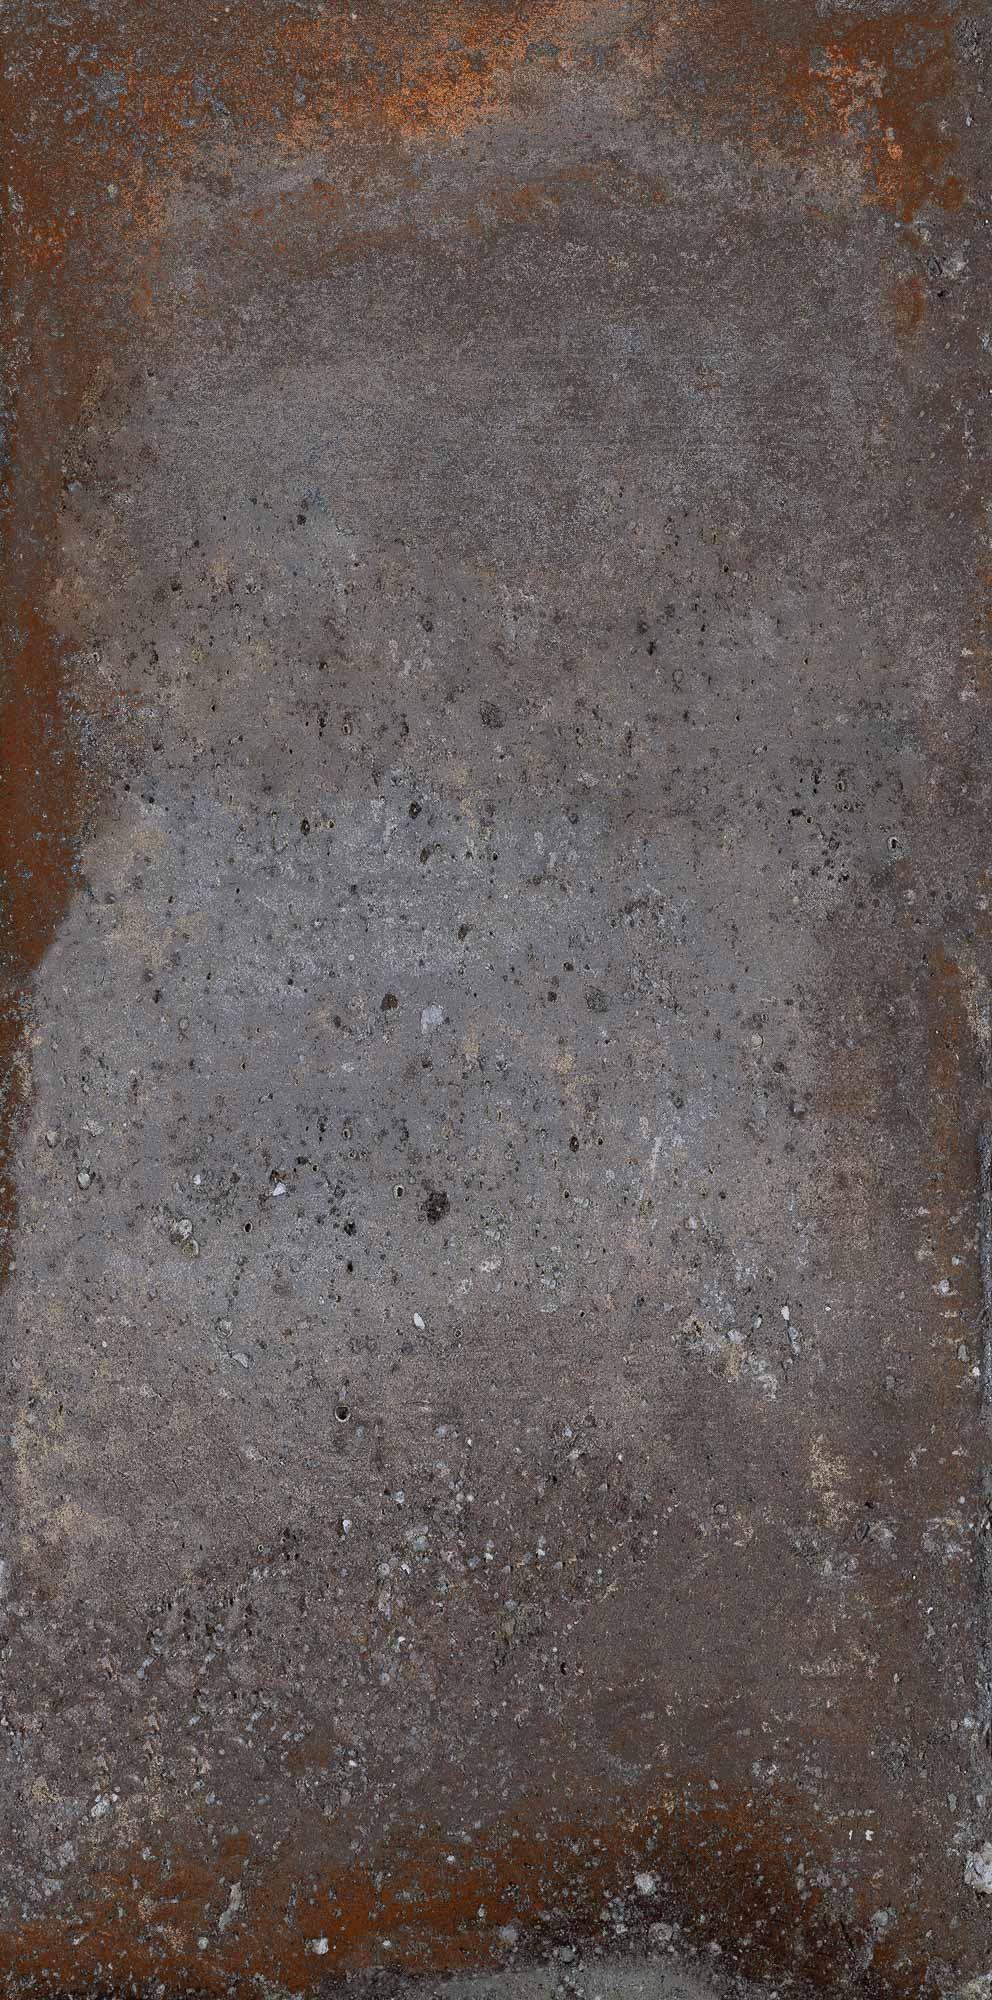 Friaul Bodenfliesen Rustikal Schwarz Matt 30 X 60 Cm Kanten Konisch